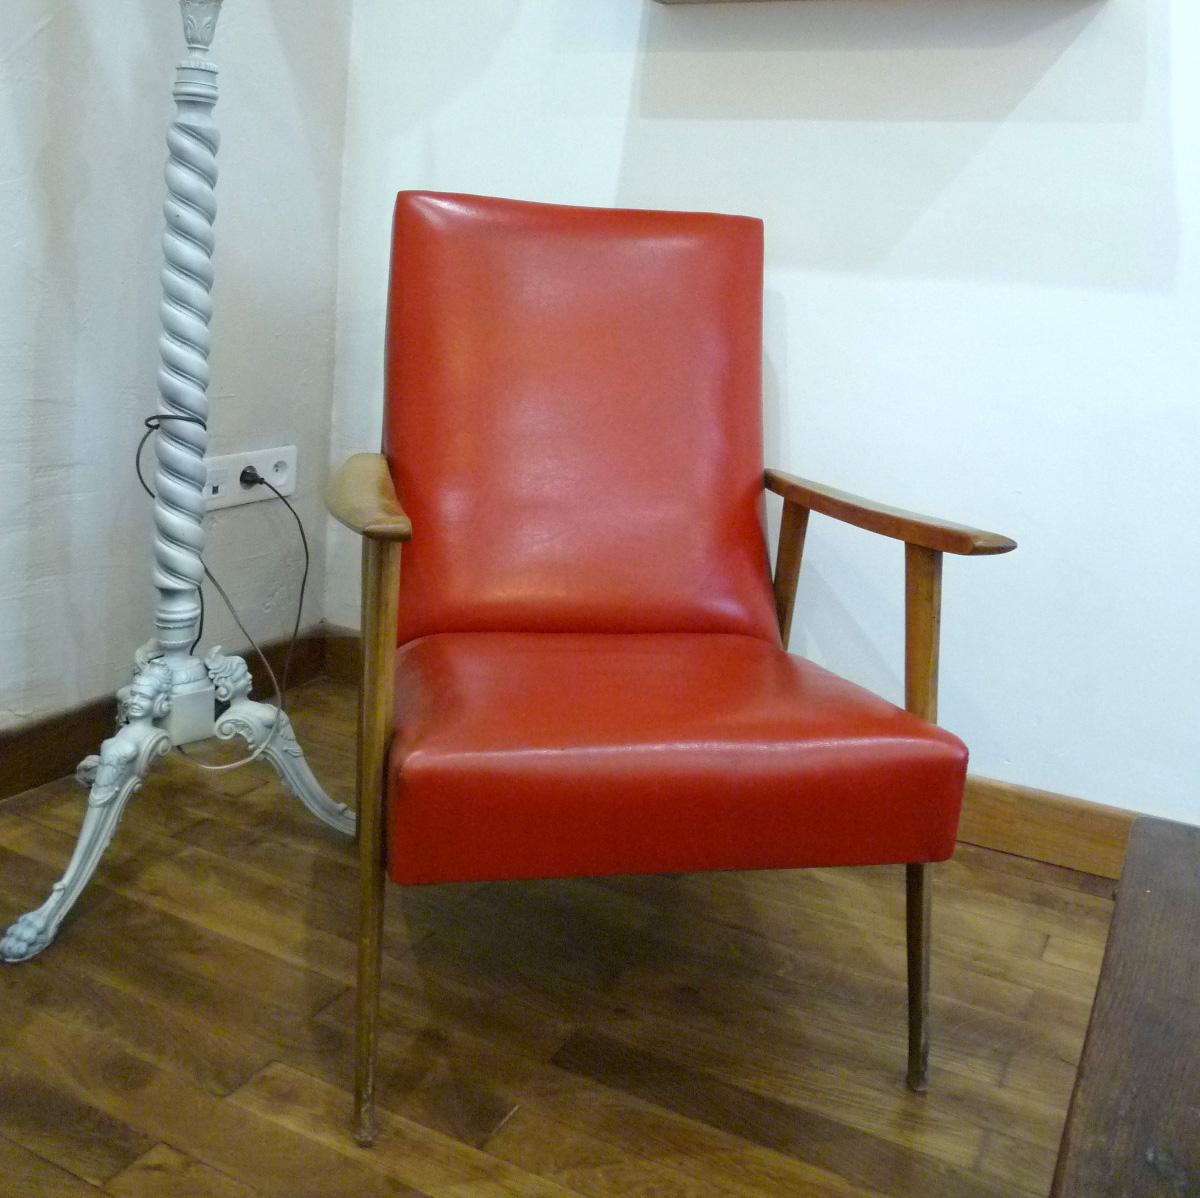 rue rivoirette diy recouvrir un vieux fauteuil